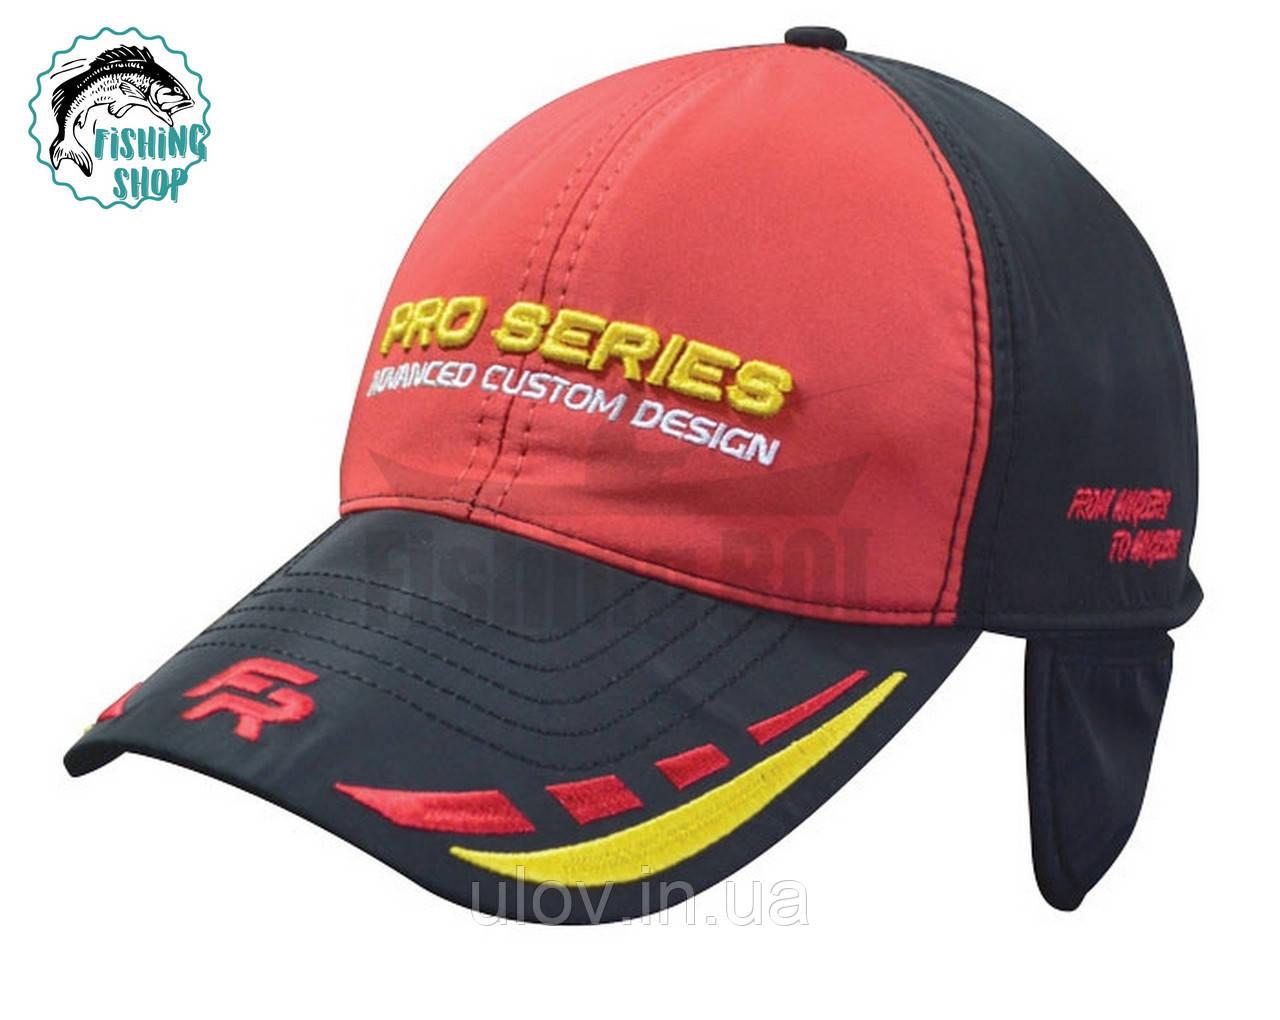 Бейсболка Fishing ROI Pro Series черно-красная зимняя 59р-р